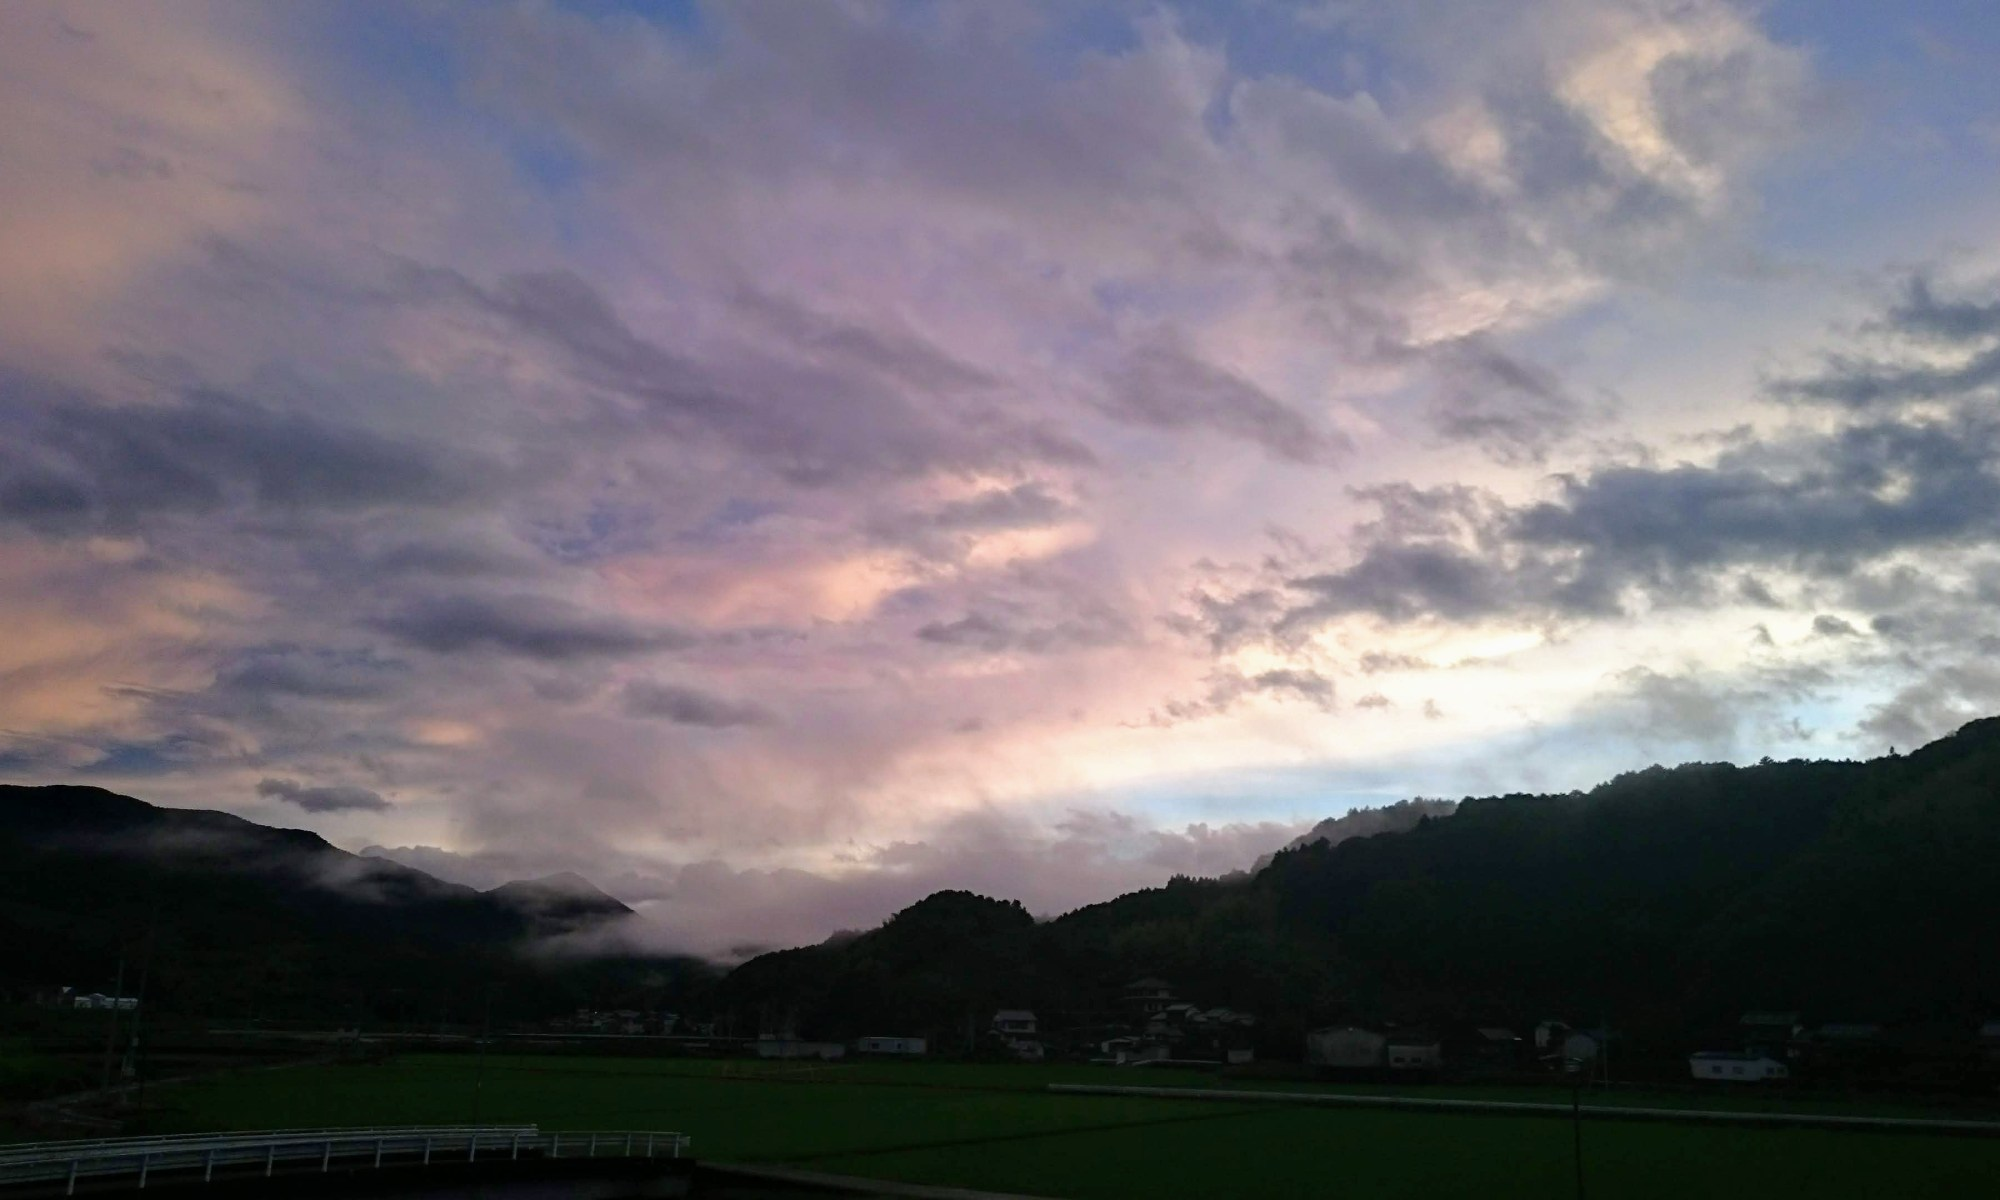 雨上がりの日高村沖名